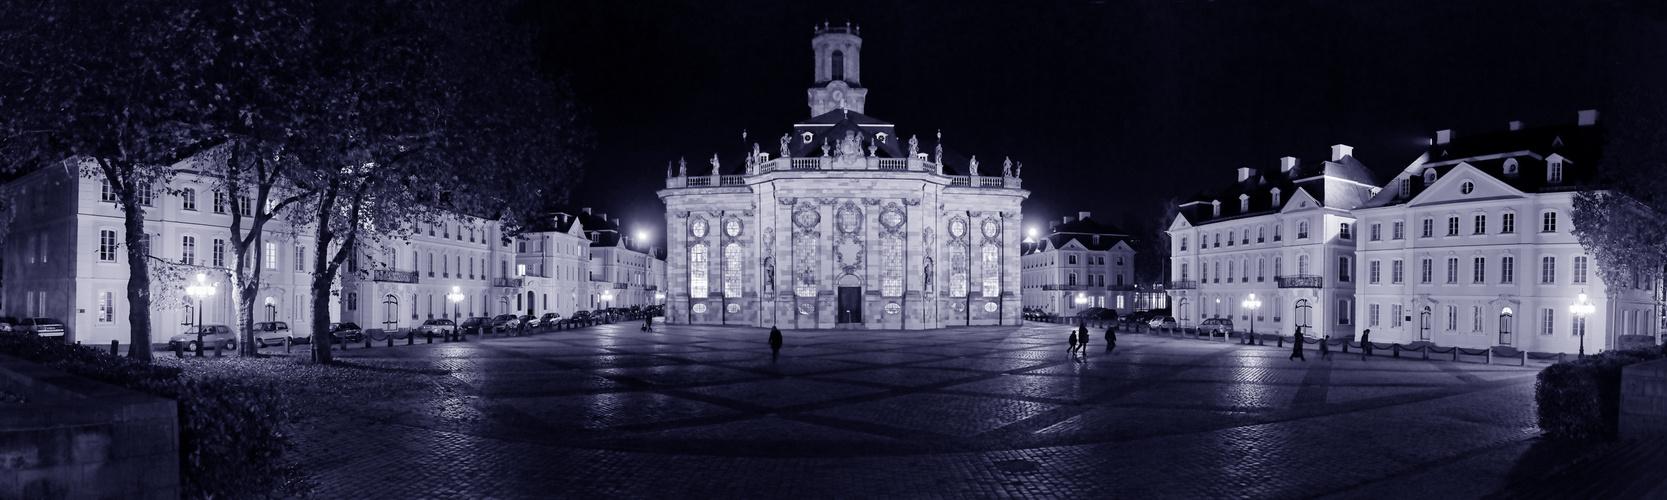 Ludwigskirche und -platz am Reformationstag 2013